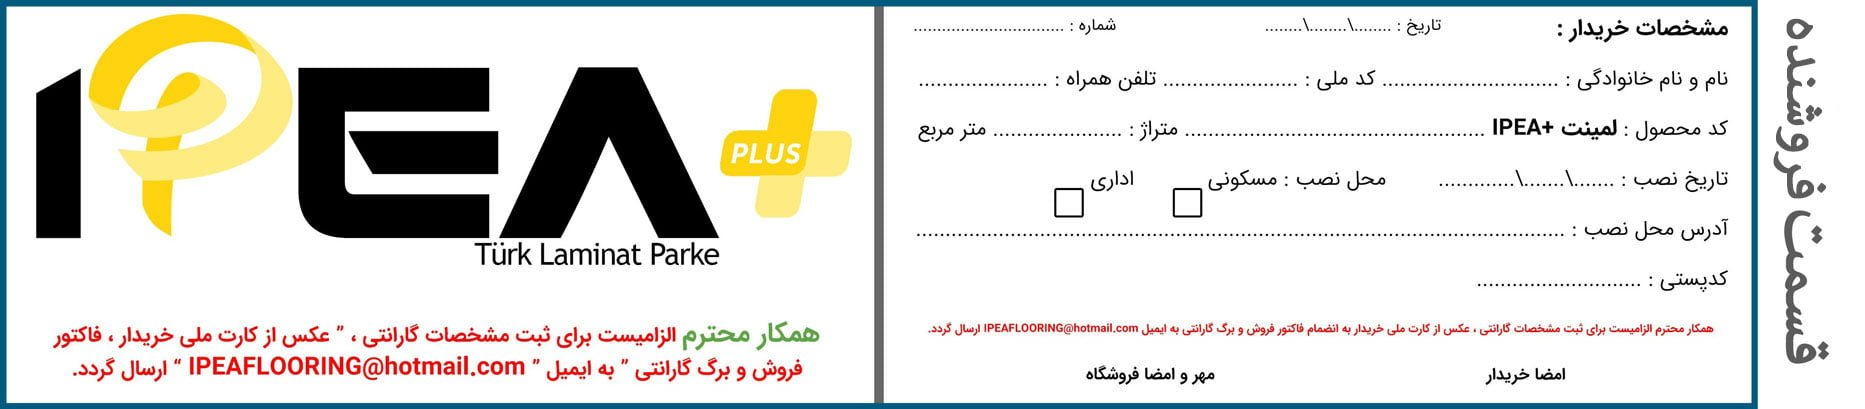 کارت گارانتی +IPEA قسمت فروشنده